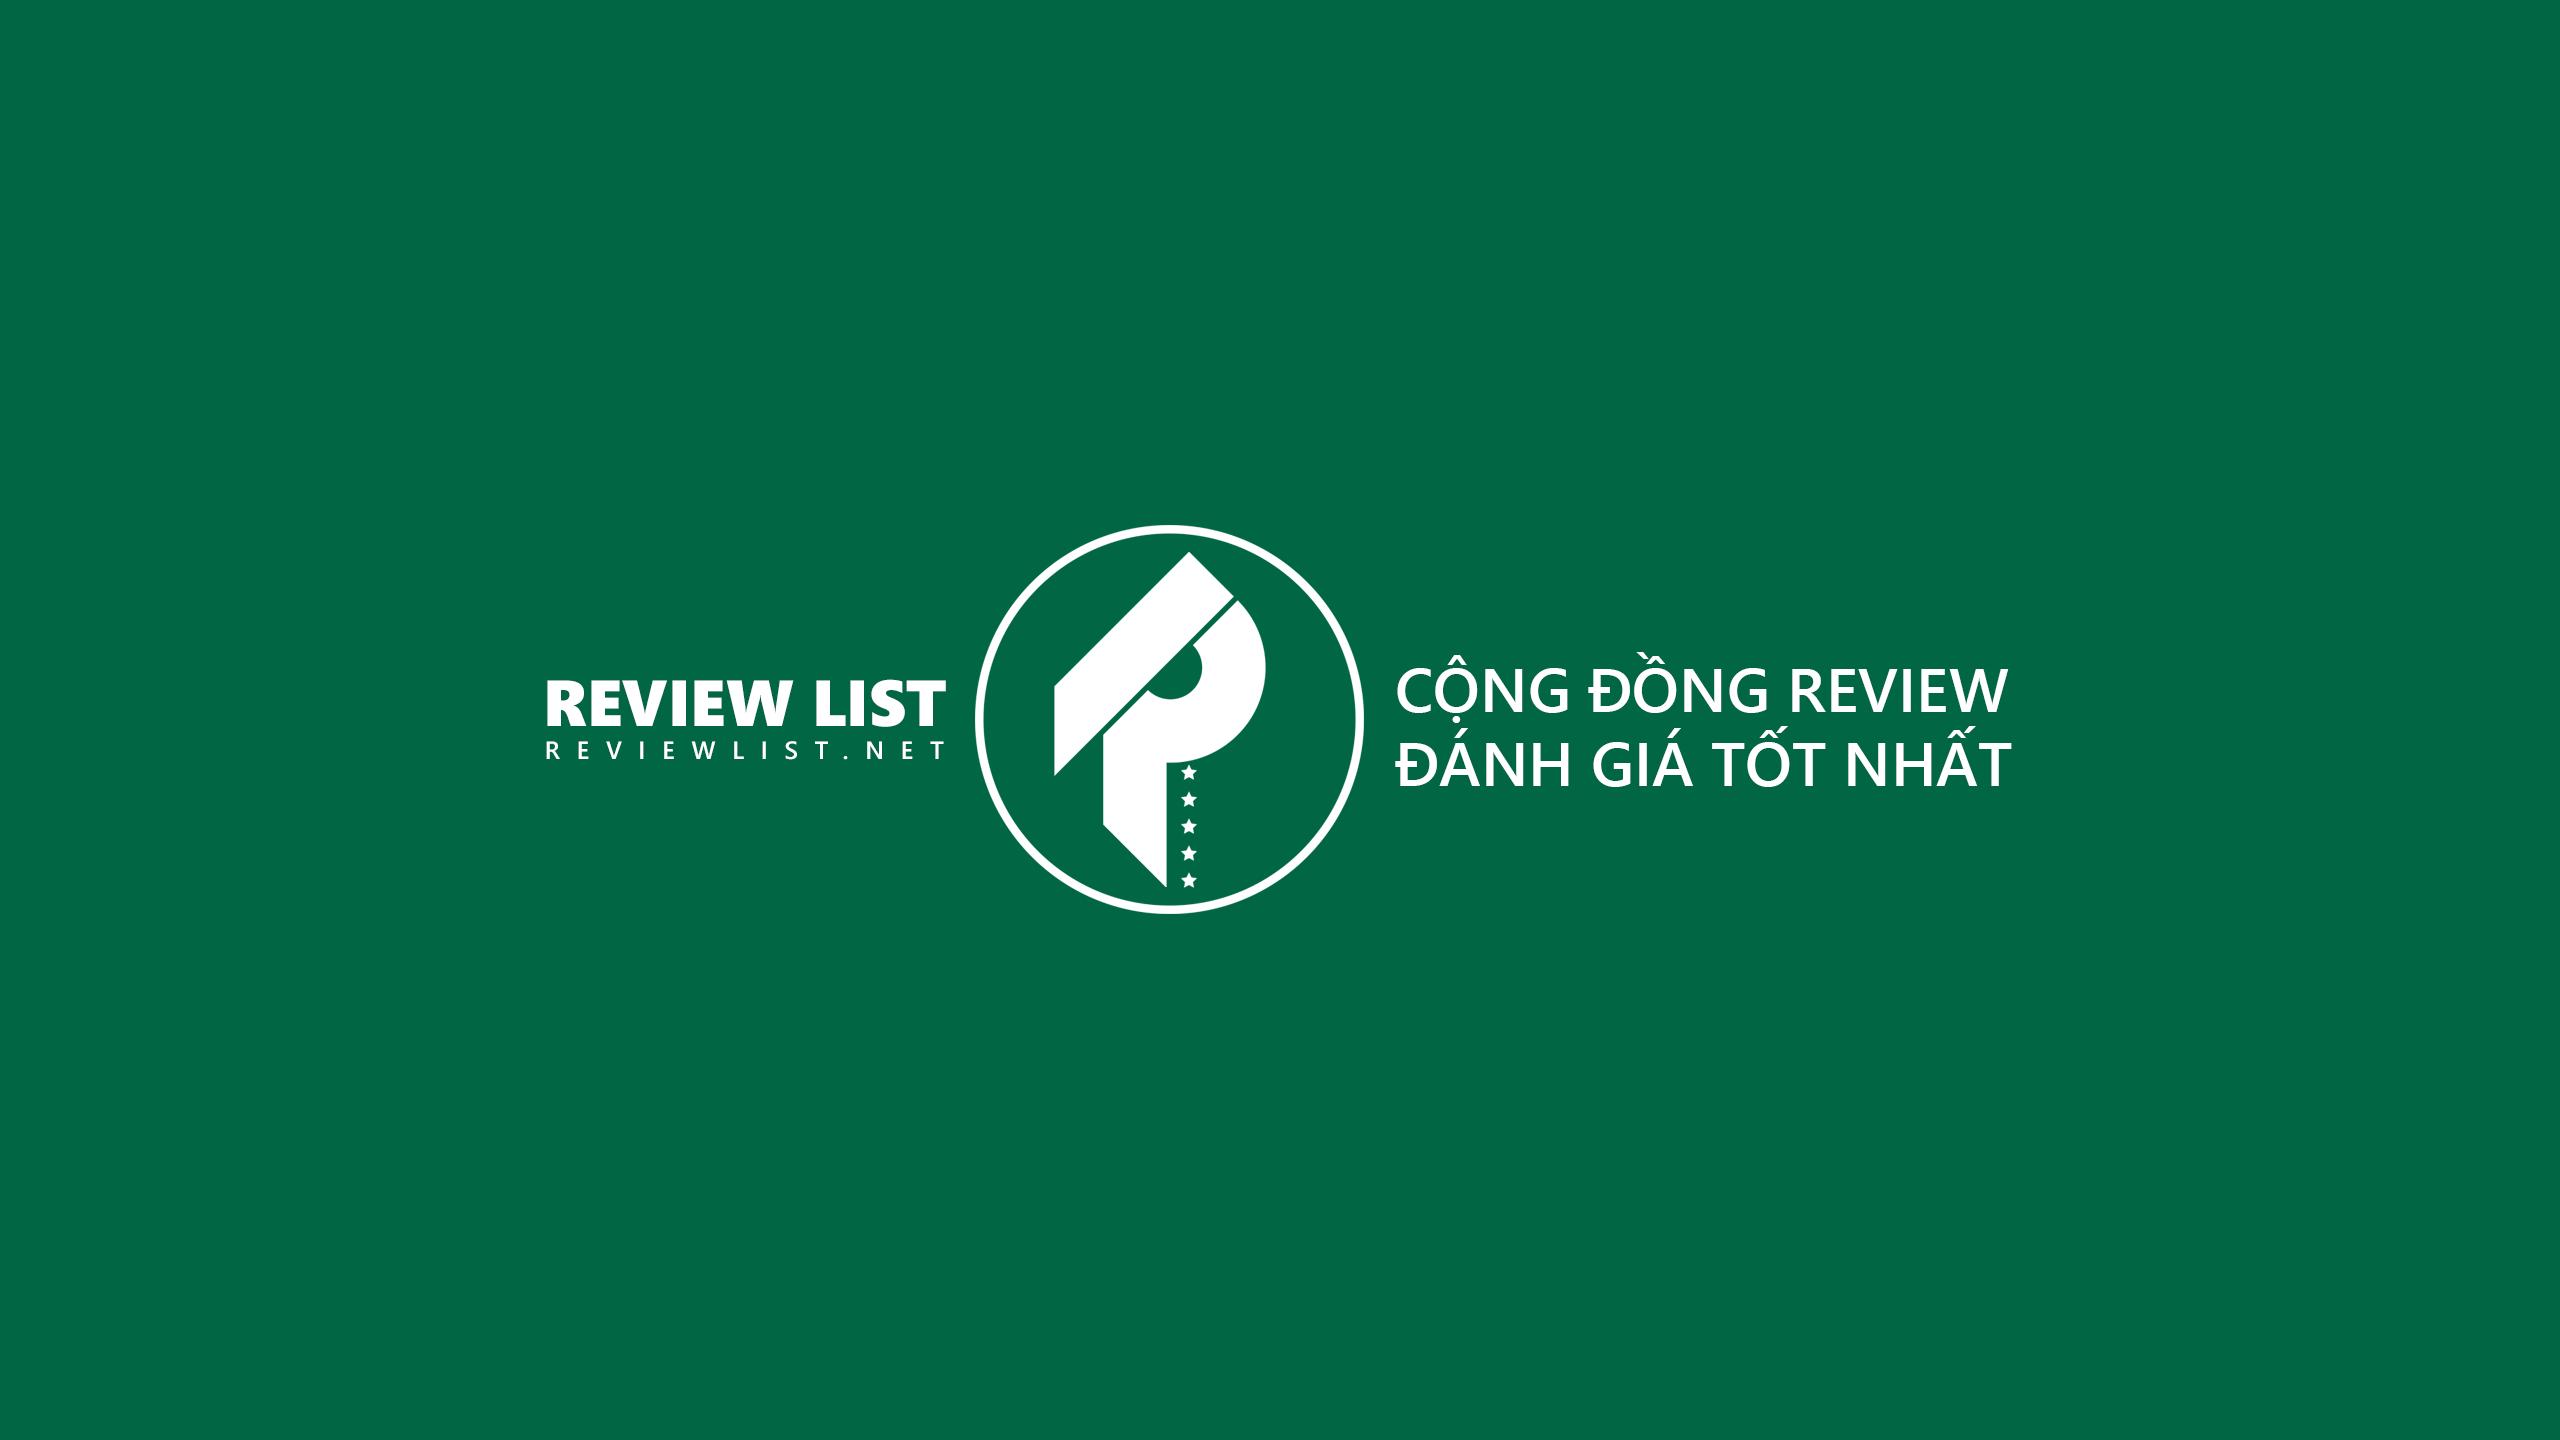 Review List -  Chuyên trang review đánh giá tốt nhất